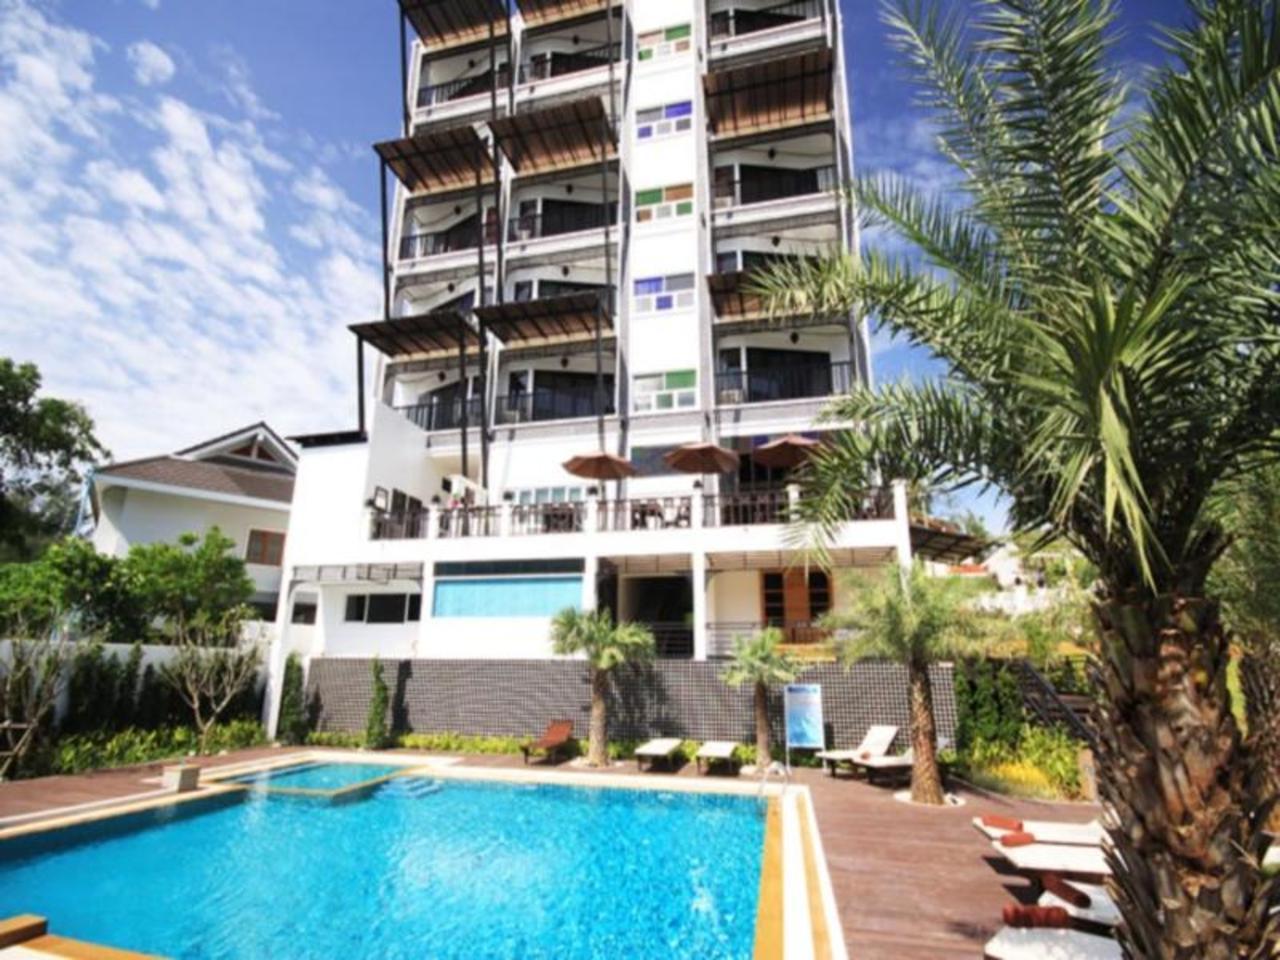 โรงแรม ดีอันดามัน พูล บาร์ (Dee Andaman Hotel Pool Bar)